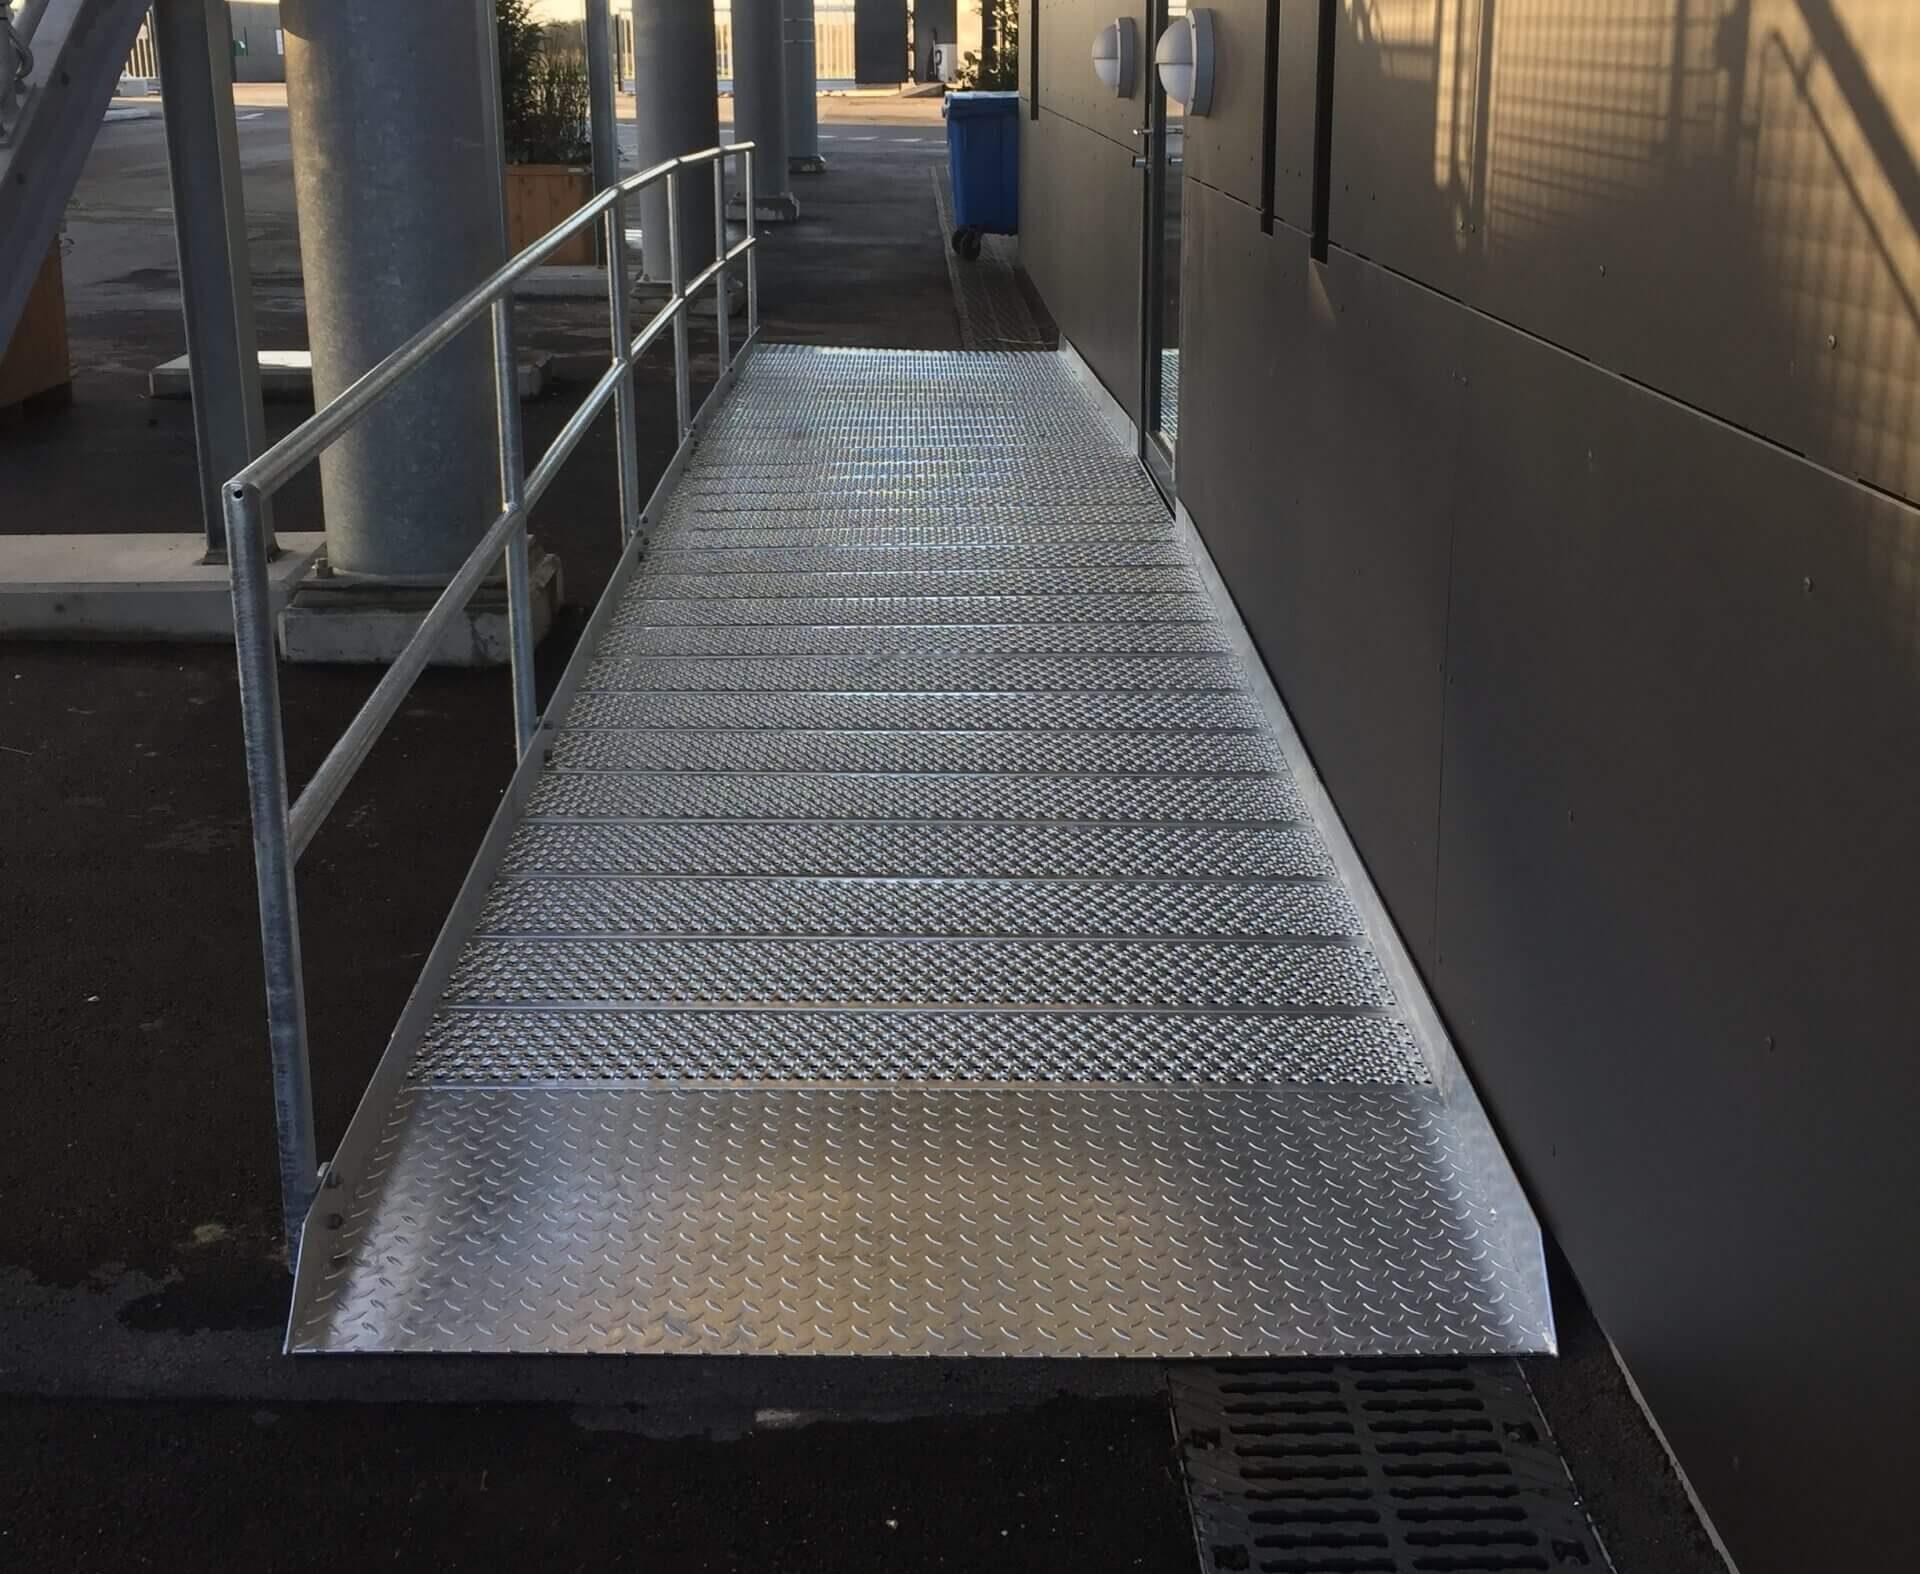 Kørestolsrampe / handicaprampe til indgang